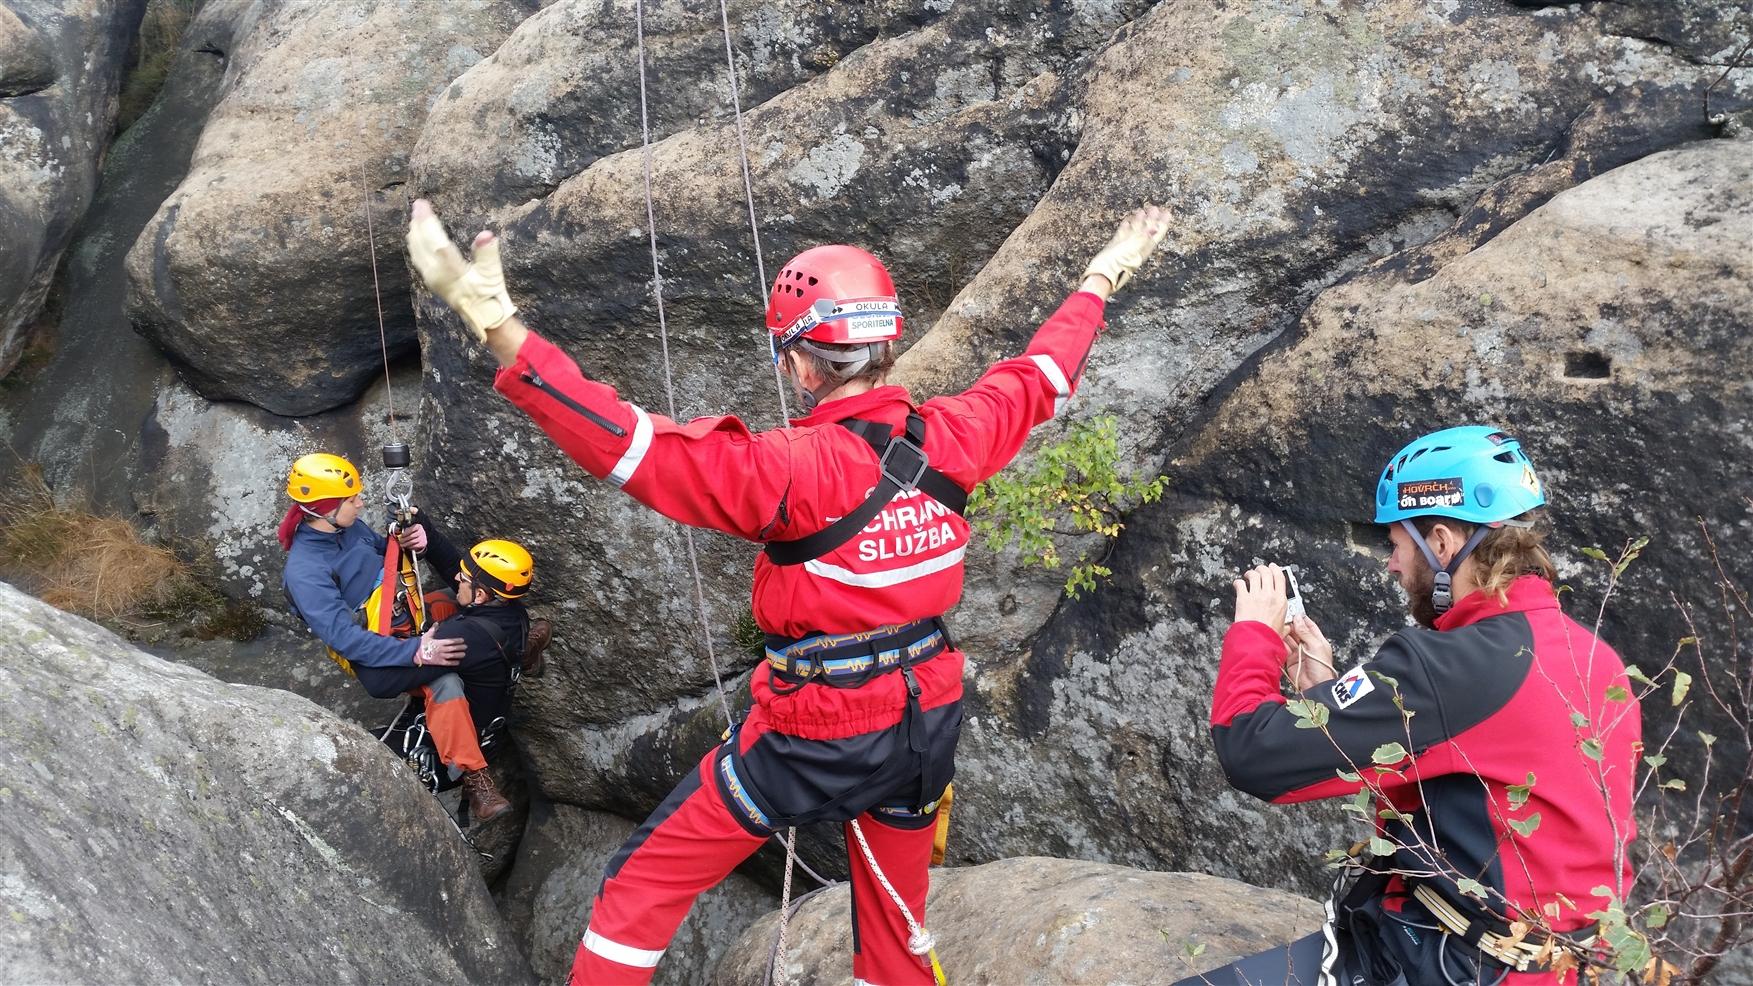 Skalní záchranná služba už 18 let pomáhá složkám Integrovaného záchranného systému